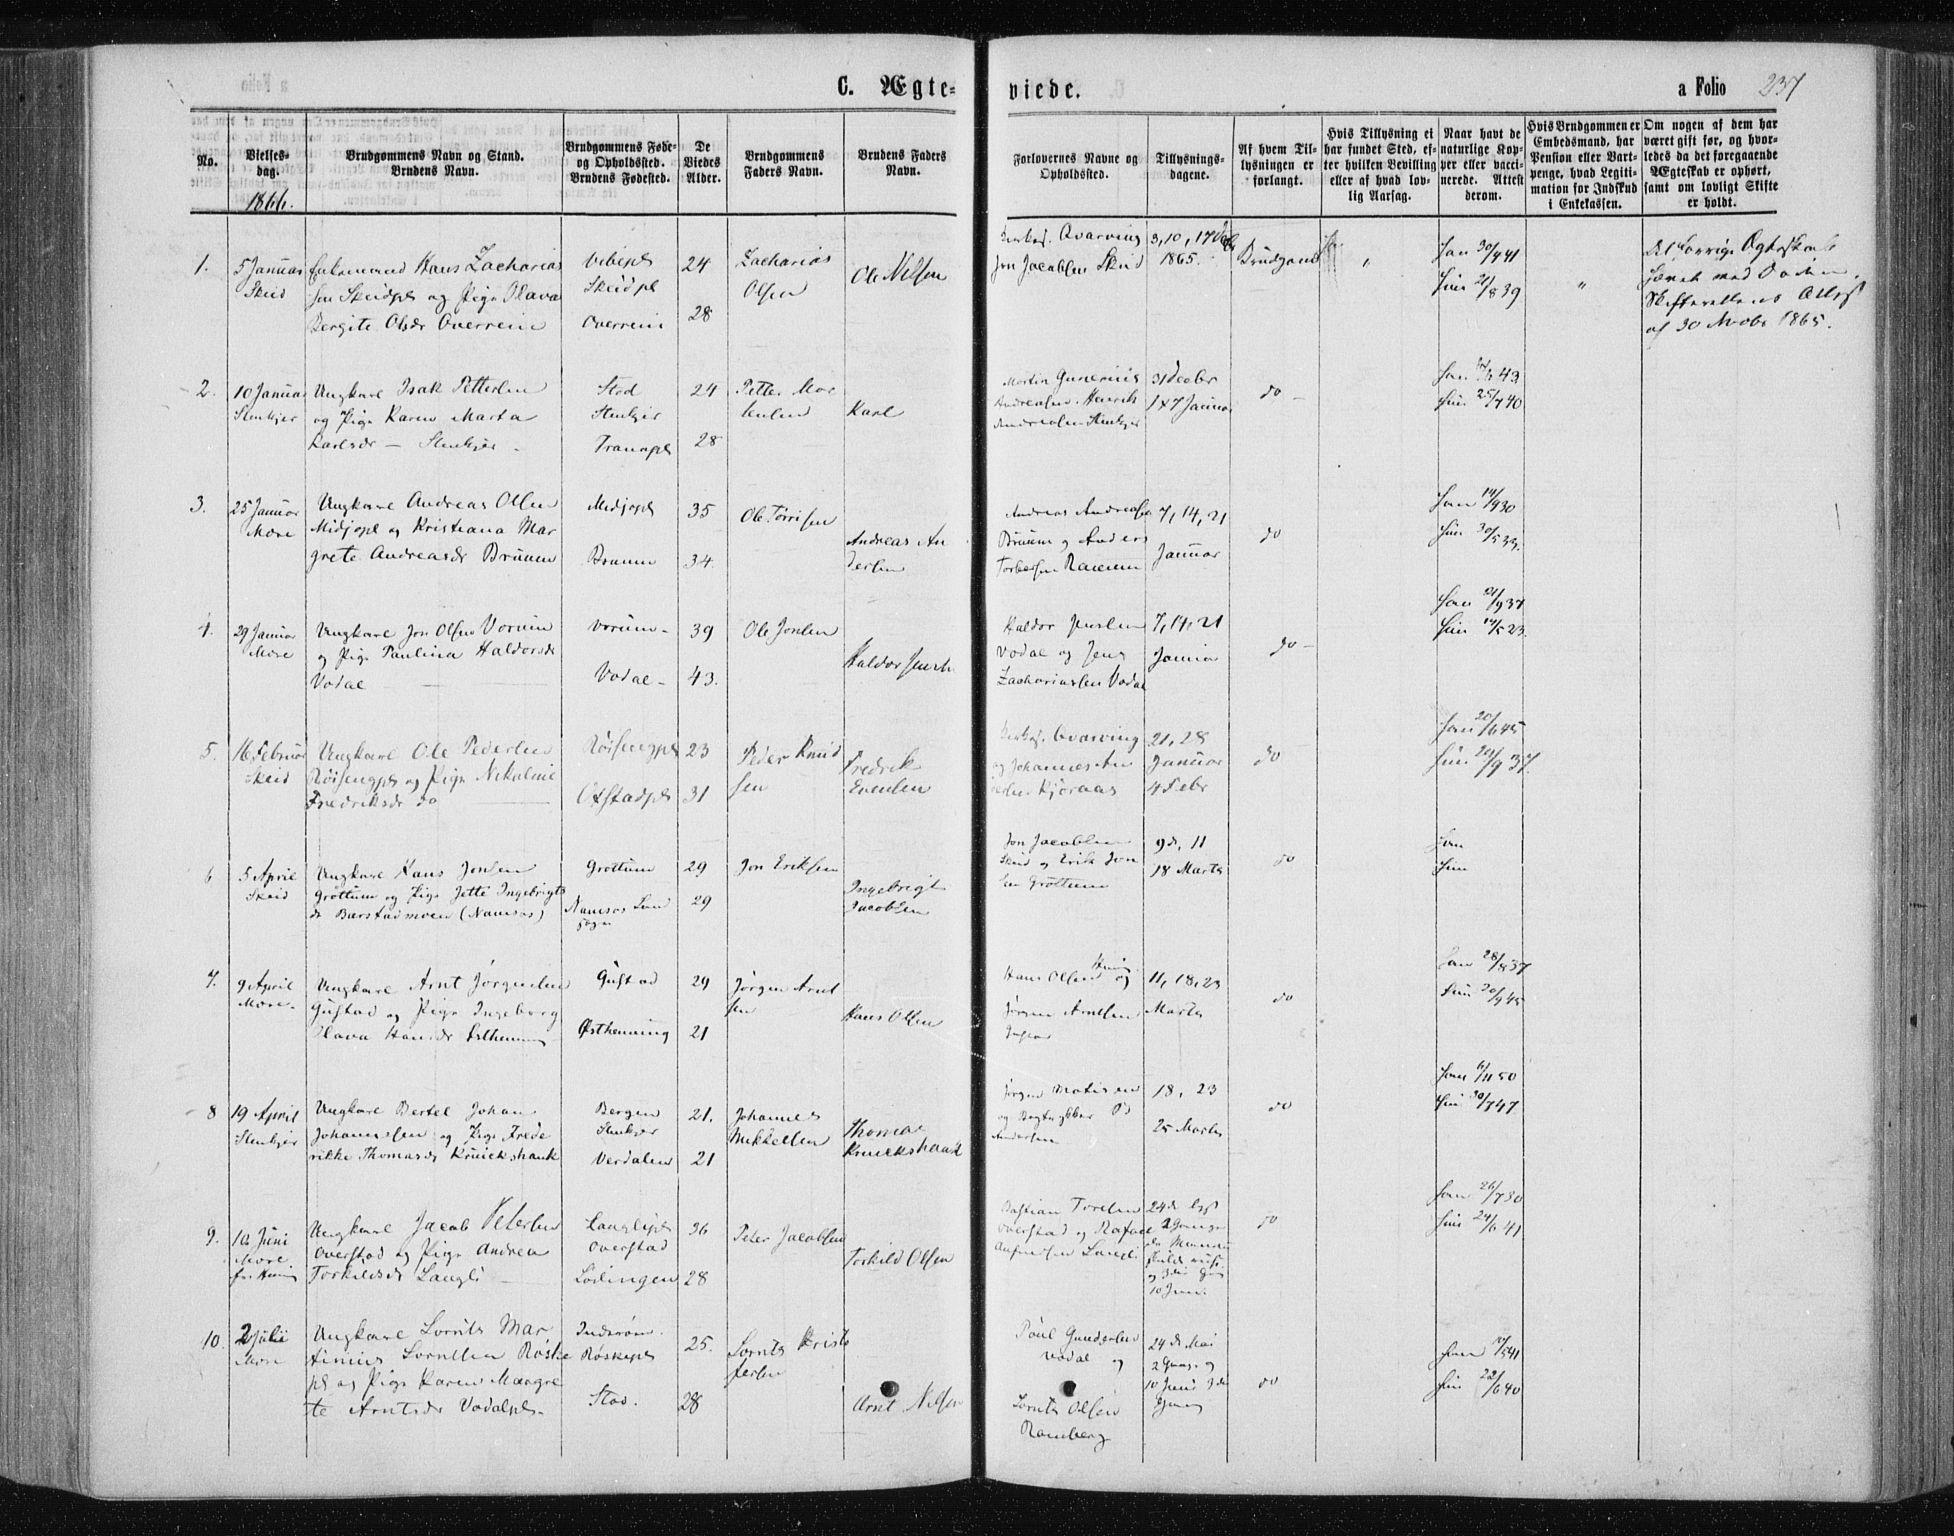 SAT, Ministerialprotokoller, klokkerbøker og fødselsregistre - Nord-Trøndelag, 735/L0345: Ministerialbok nr. 735A08 /1, 1863-1872, s. 237